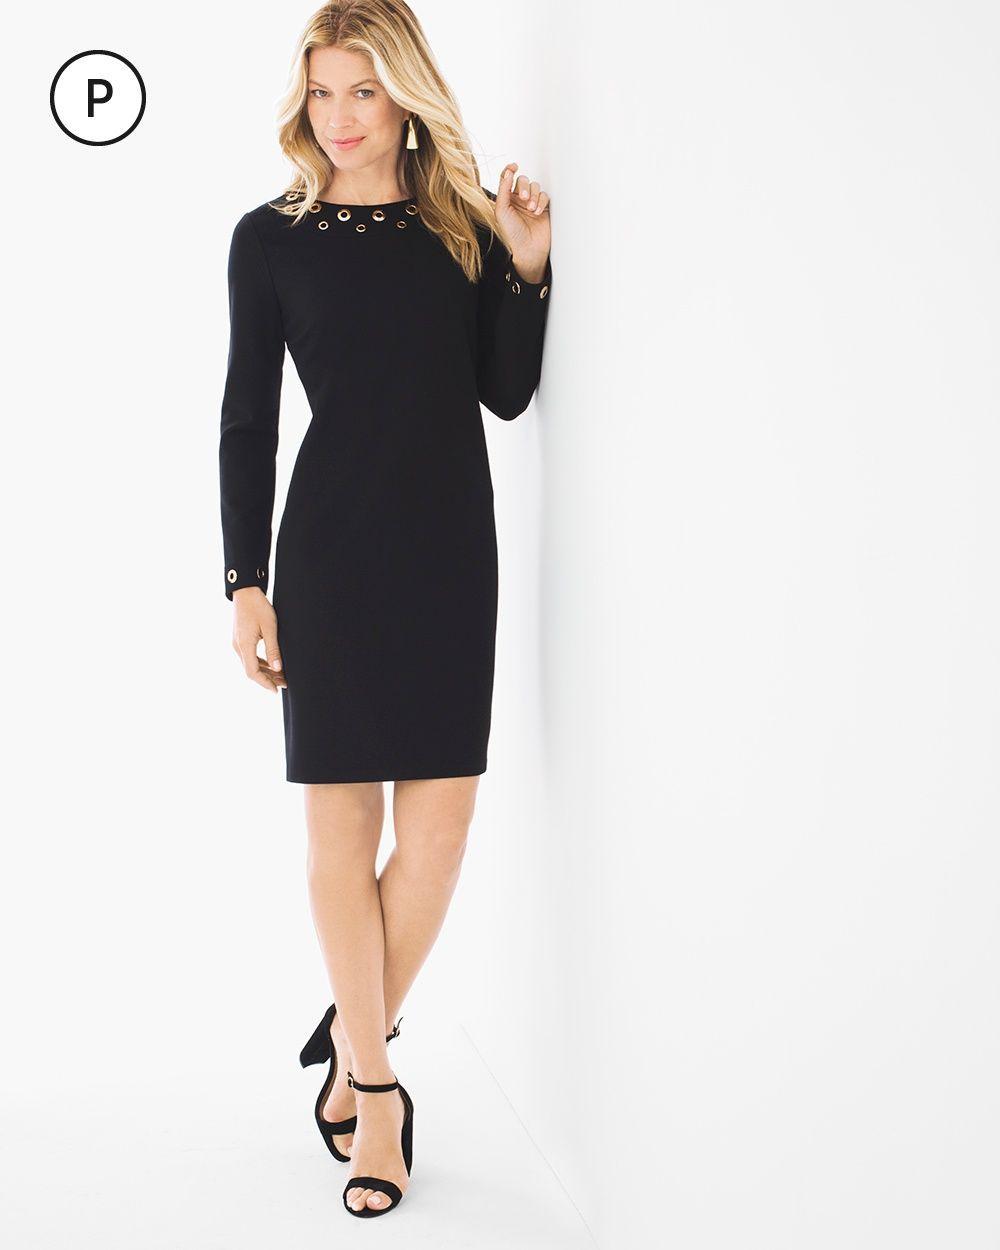 Chico's Women's Petite Grommet-Detail Short Dress, Black, Size: 3P (16P/18P XL)